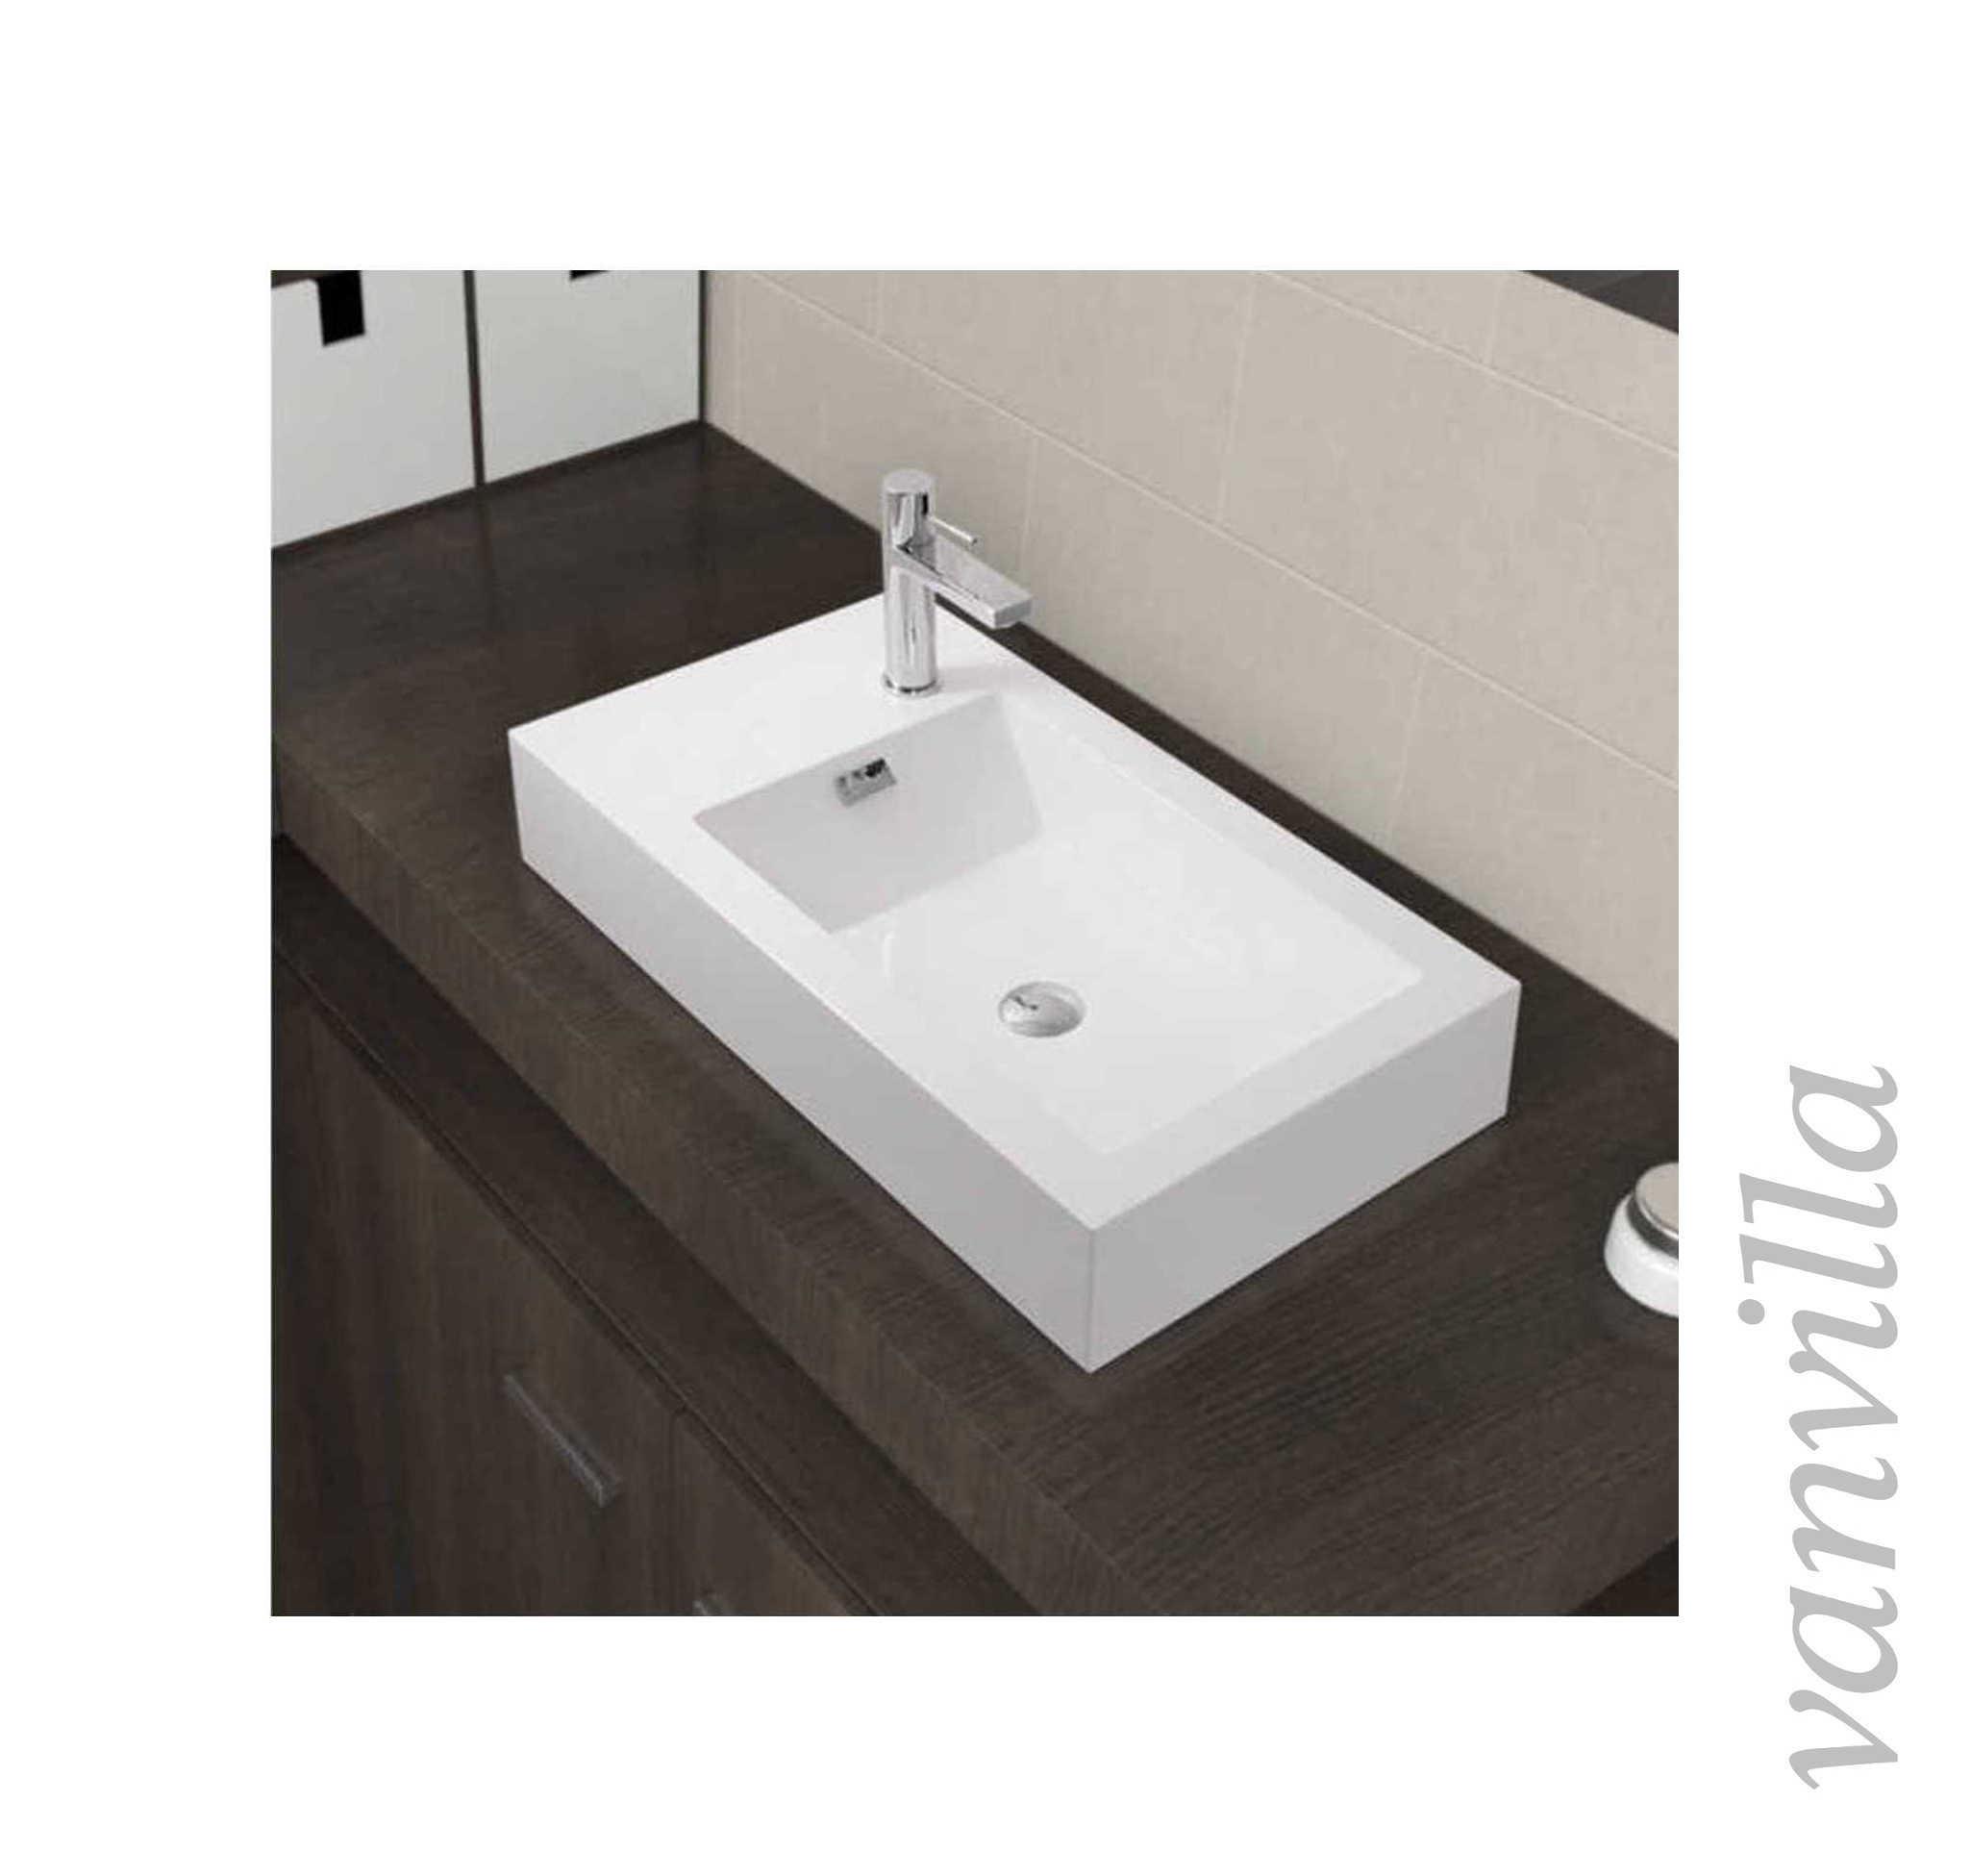 handwaschbecken waschtisch gussmarmor waschbecken aufsatz wandh ngend mineralgu ebay. Black Bedroom Furniture Sets. Home Design Ideas